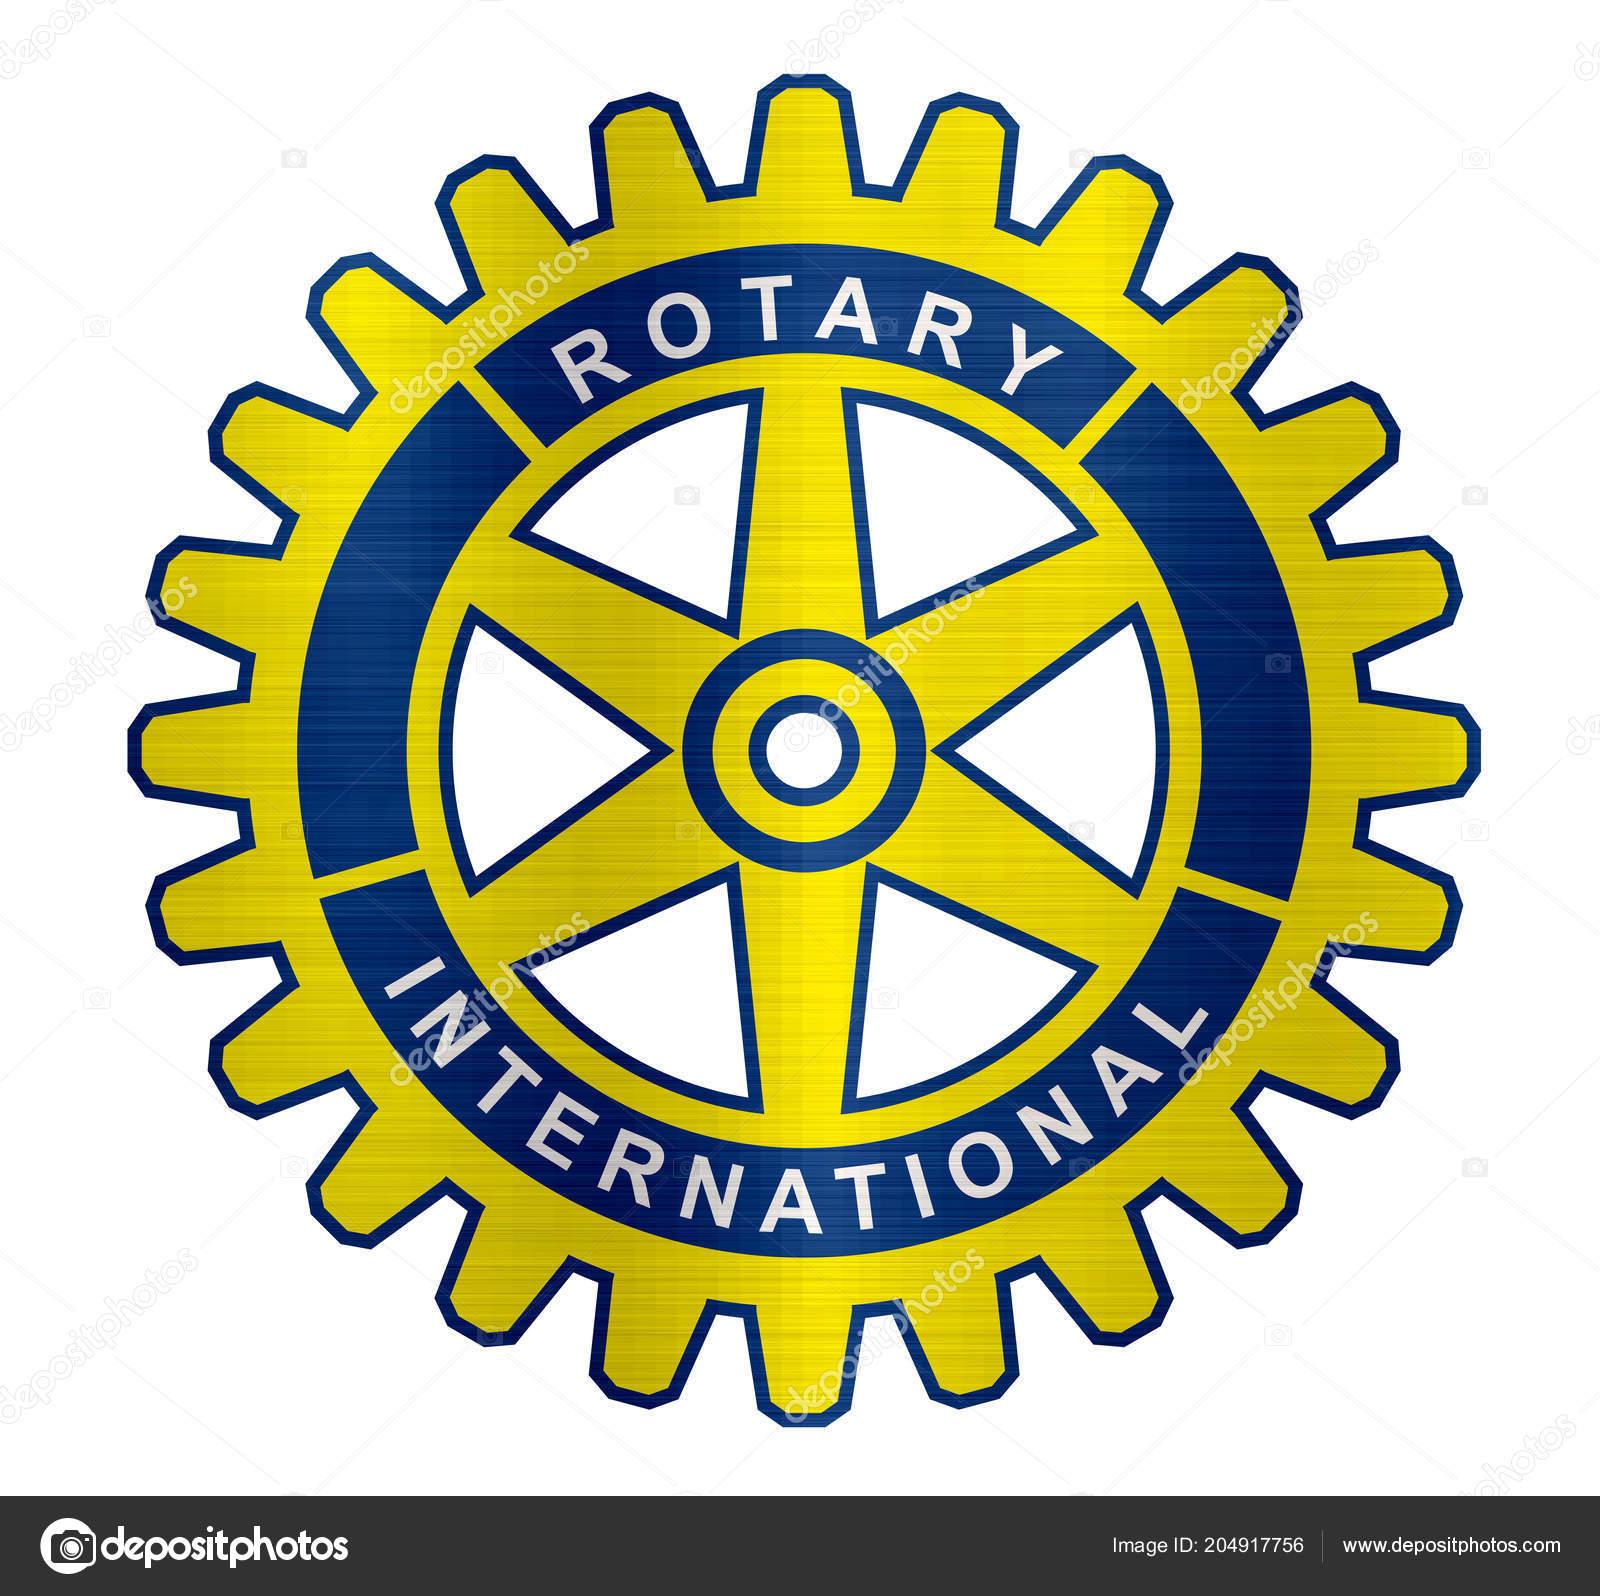 Scicli, Rotary Club: sabato la consegna della carta costitutiva